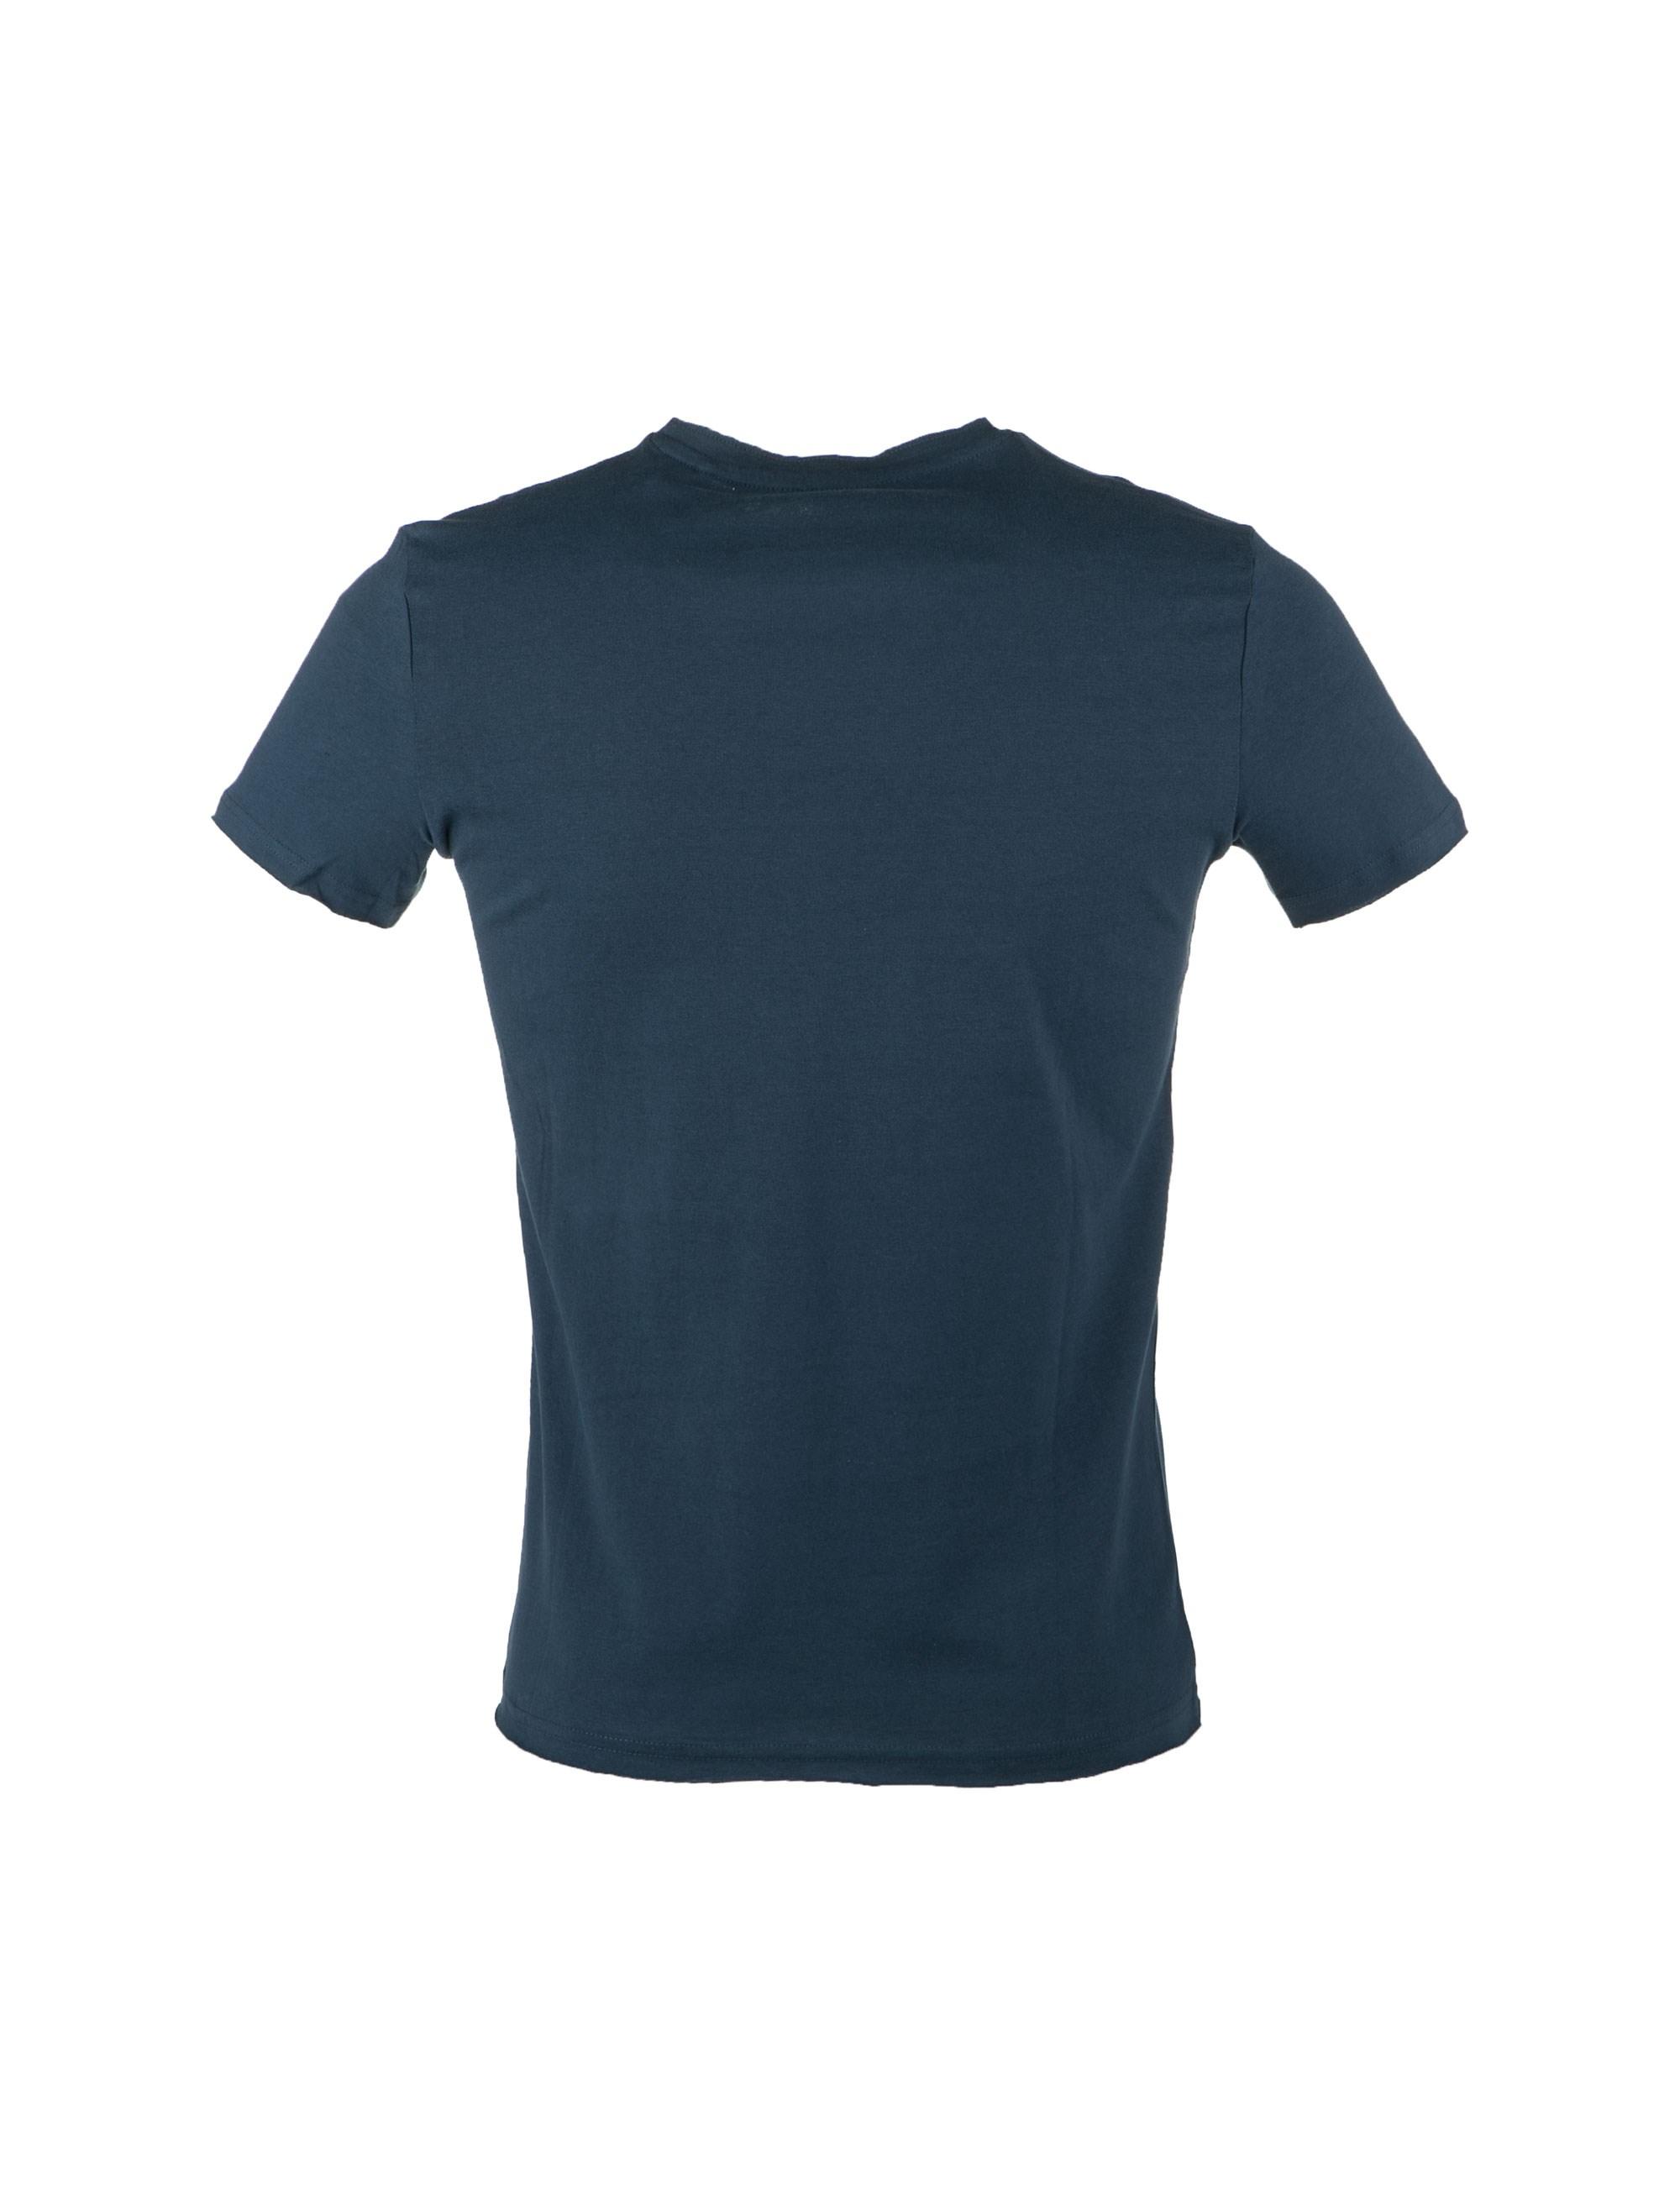 تی شرت نخی یقه گرد مردانه - یوپیم - آبي - 2